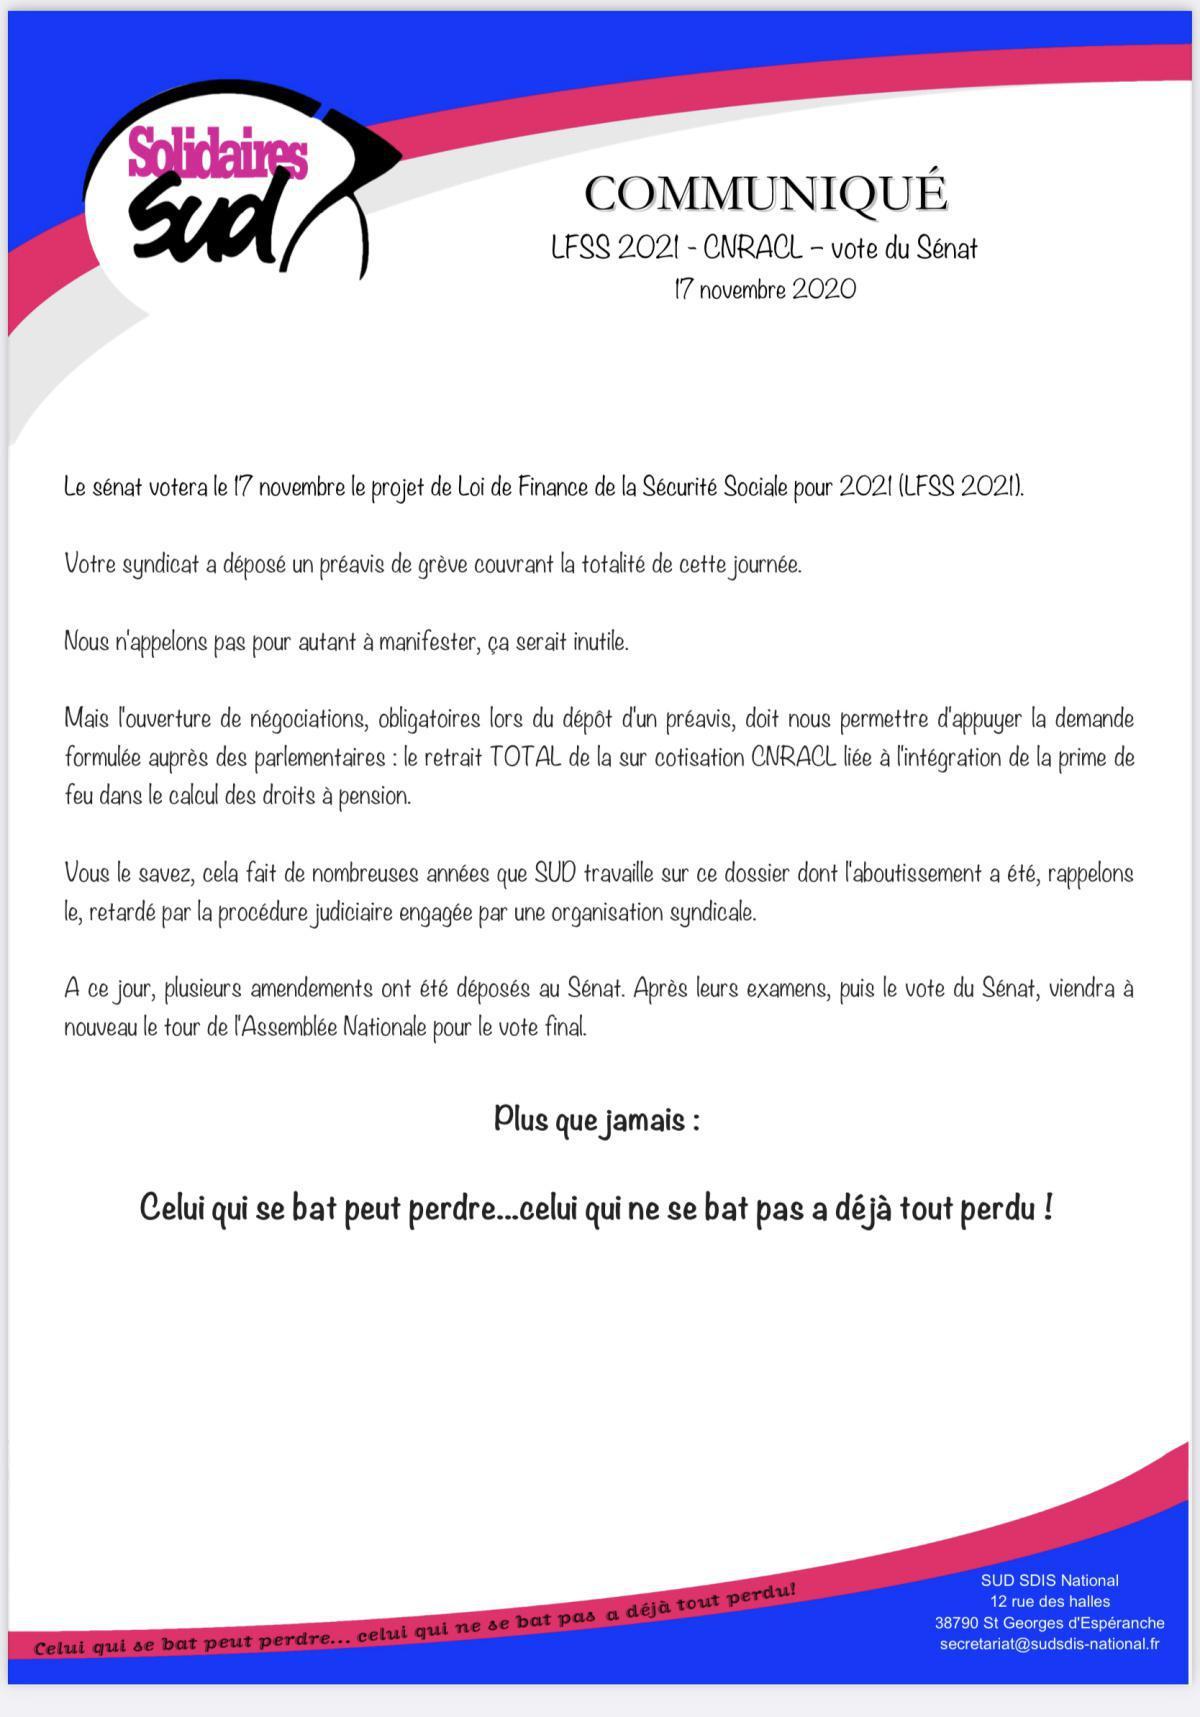 Communiqué CNRACL «vote du sénat»